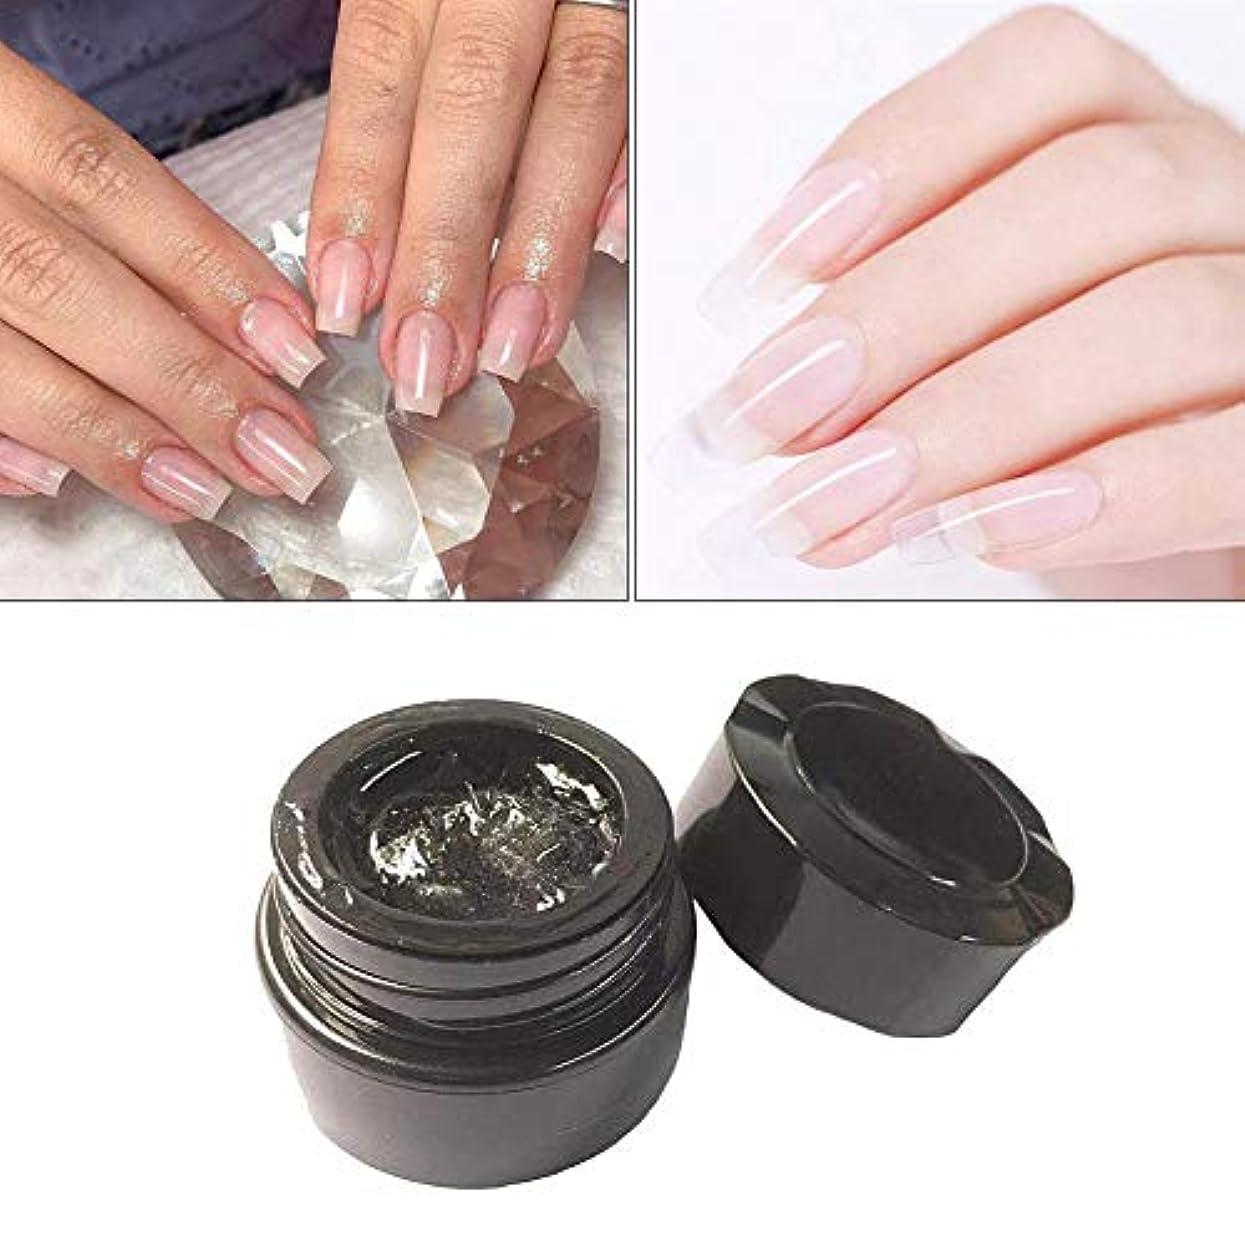 職業億としてAnkishi® 釘の延長繊維1-2CMのガラス繊維のゲルの釘の芸術の速い光線療法の延長ゲル